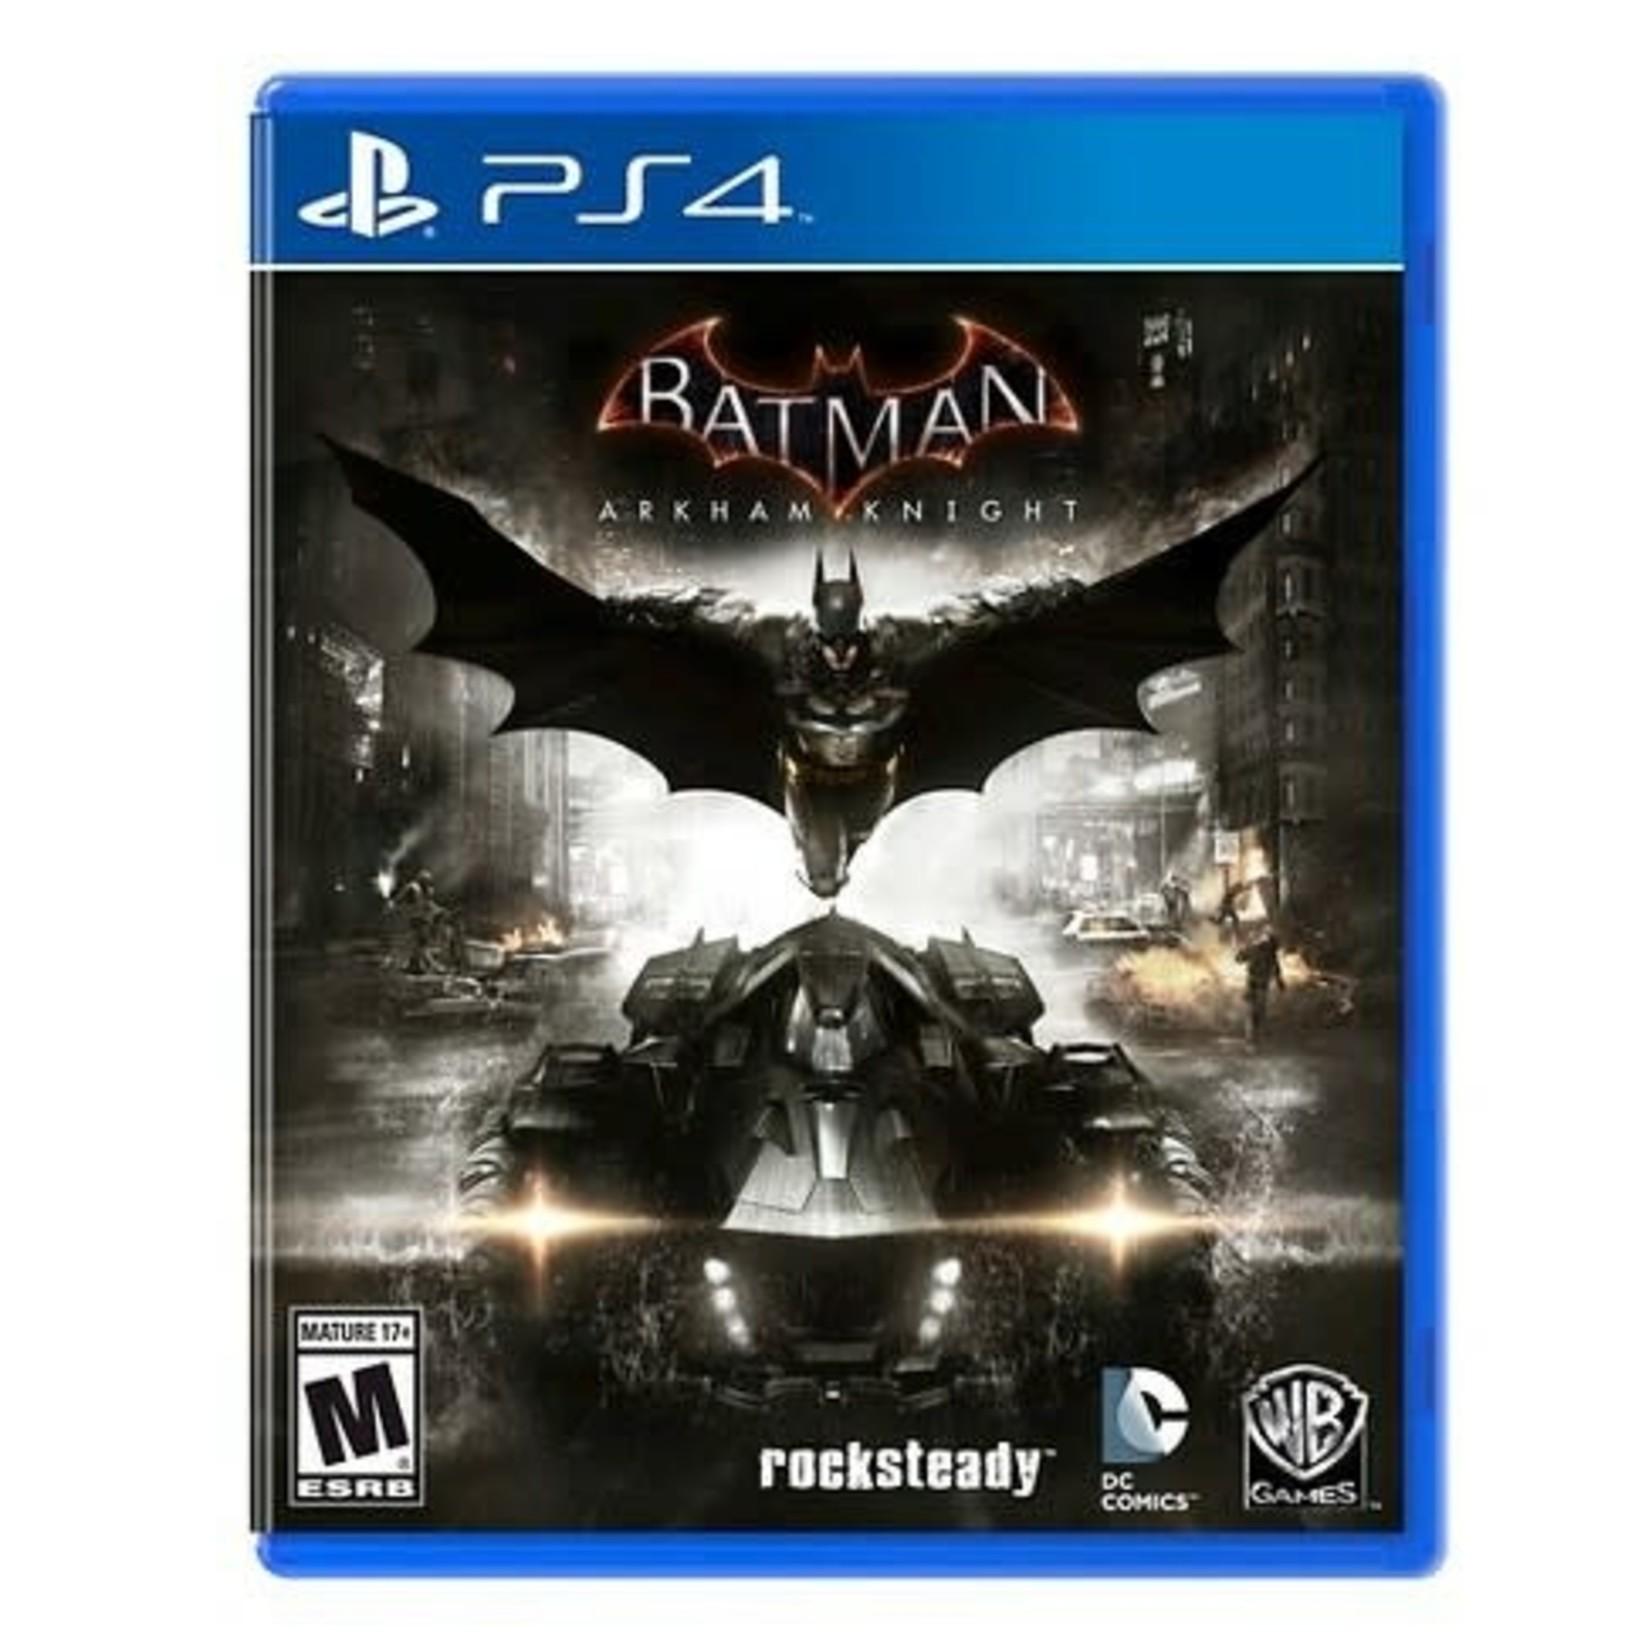 PS4U-Batman: Arkham Knight